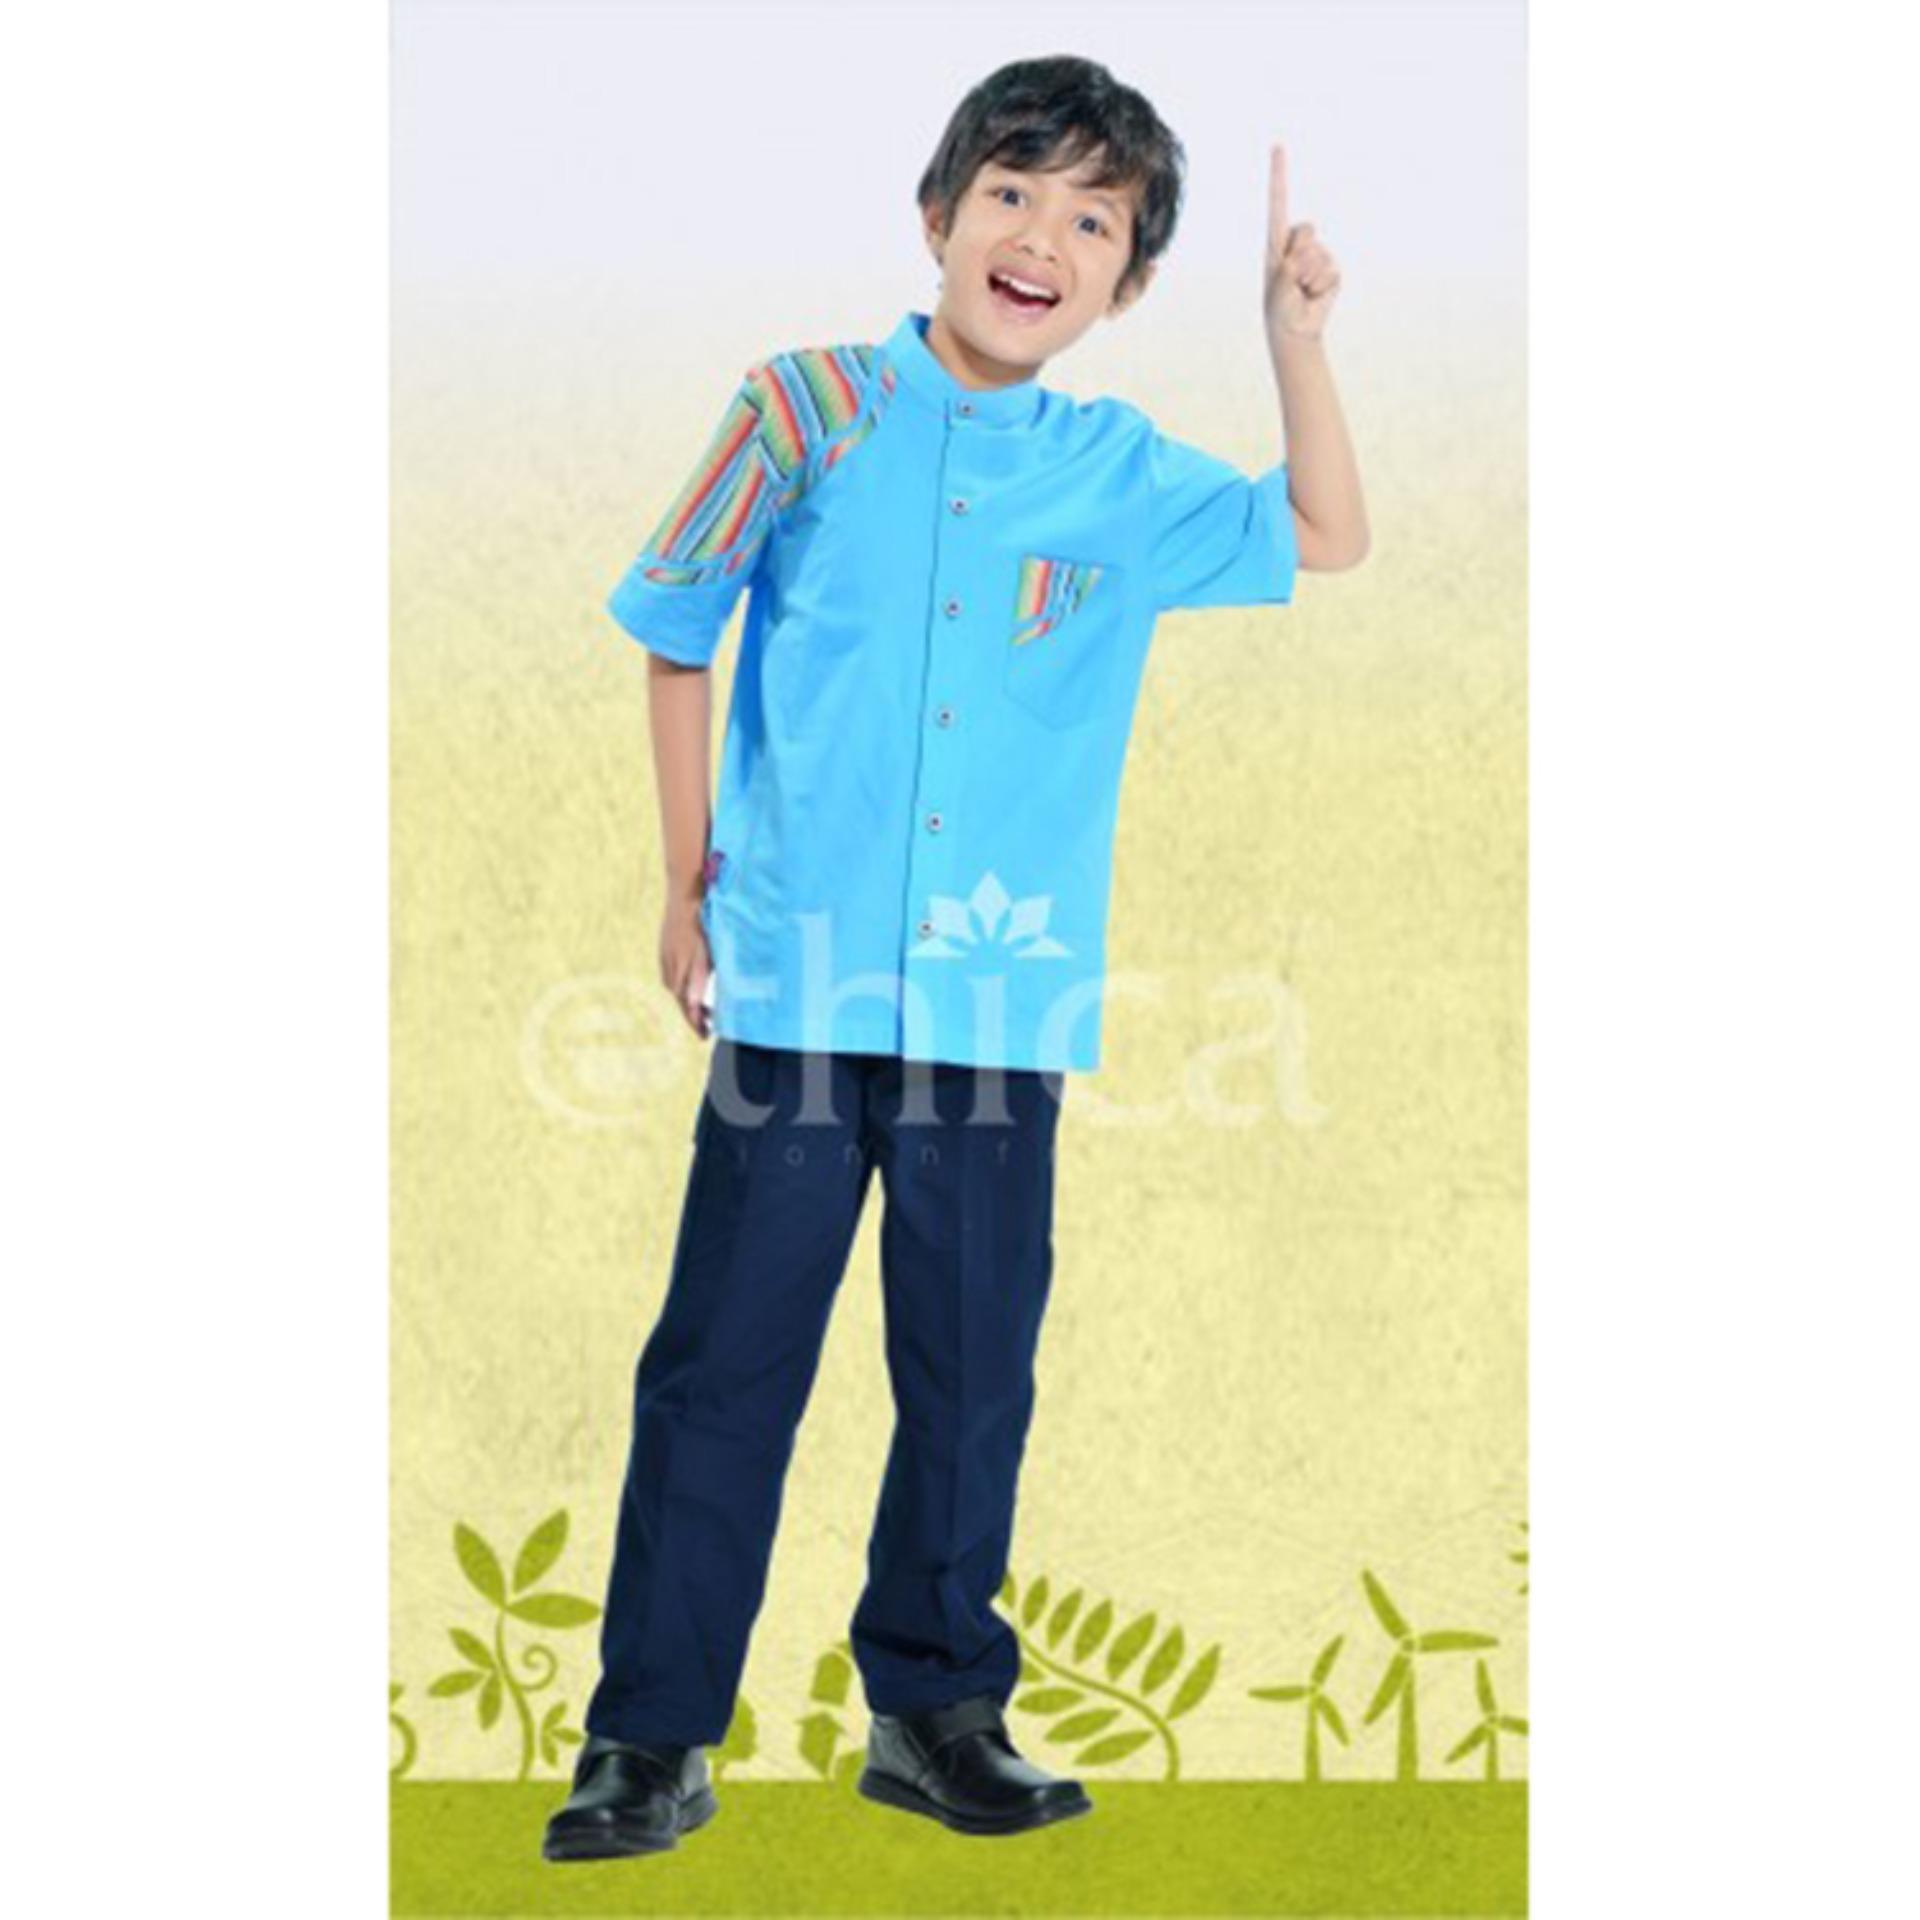 Daftar Harga Baju Koko Anak Ethica Termurah 2019 Di Bawah 200